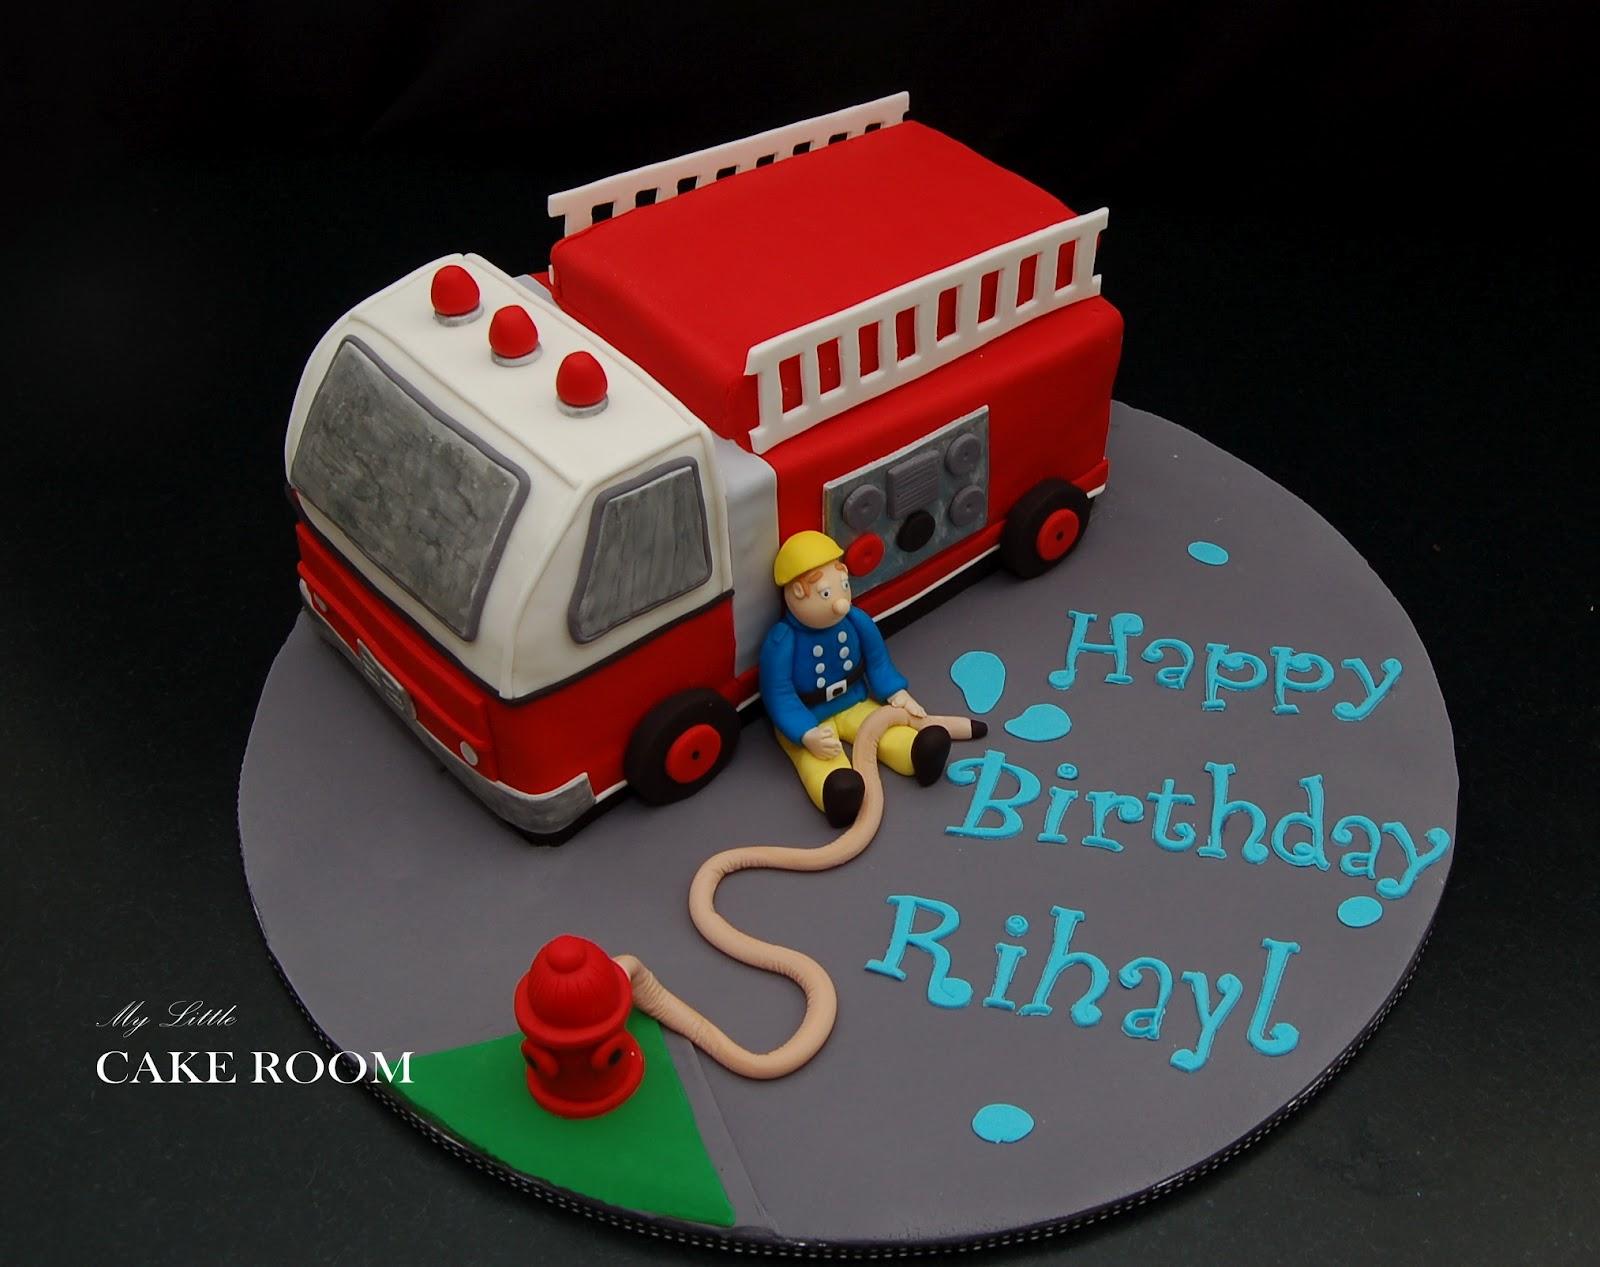 My Little Cake Room Fireman Sam